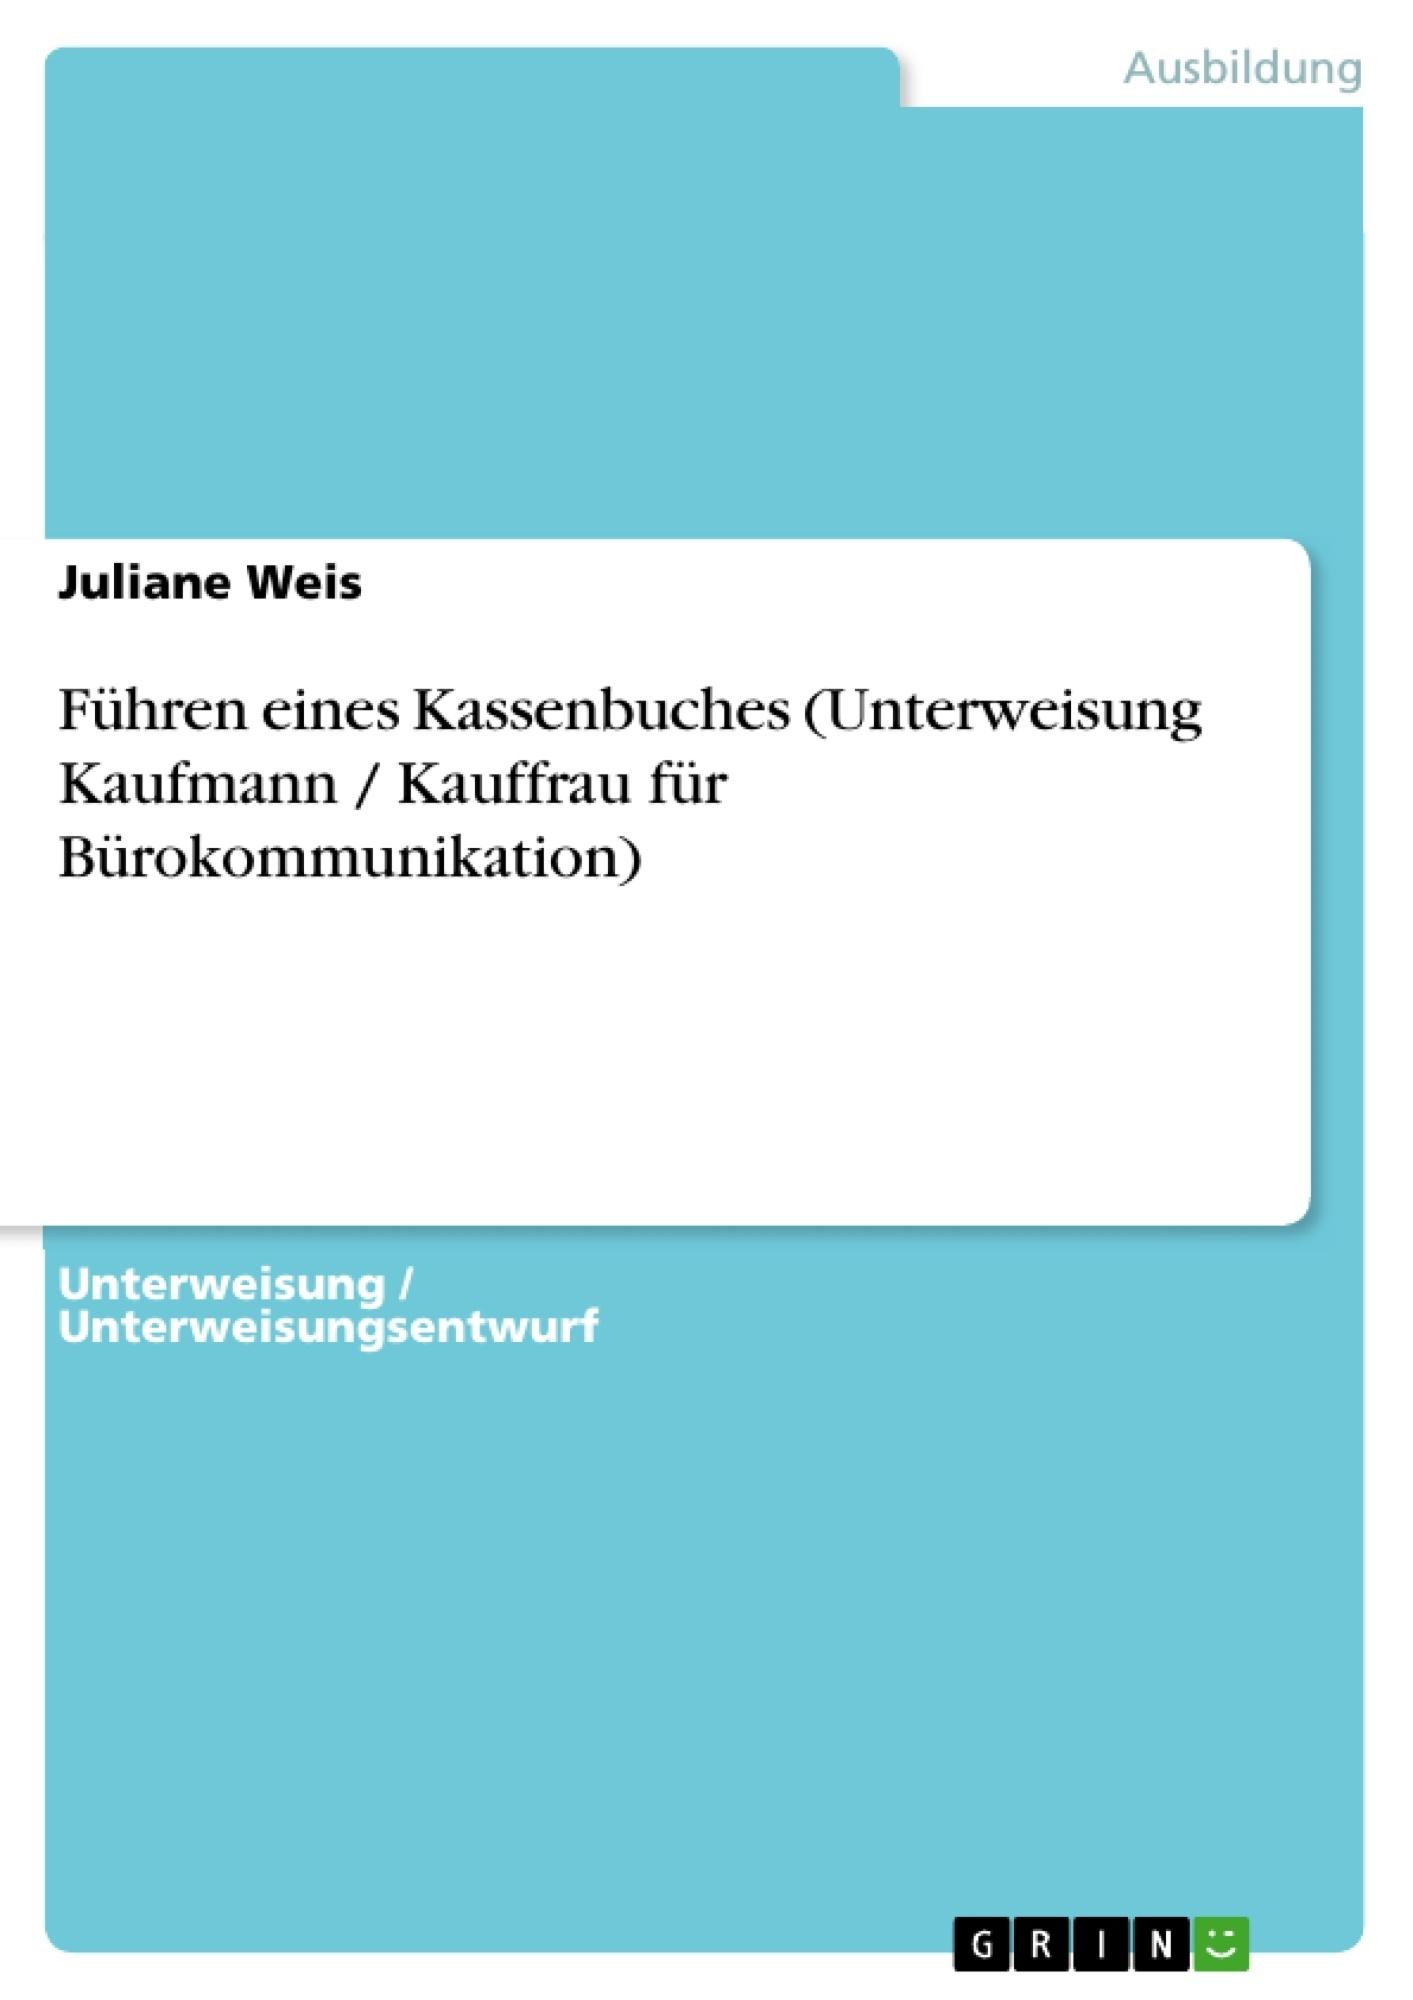 Titel: Führen eines Kassenbuches (Unterweisung Kaufmann / Kauffrau für Bürokommunikation)